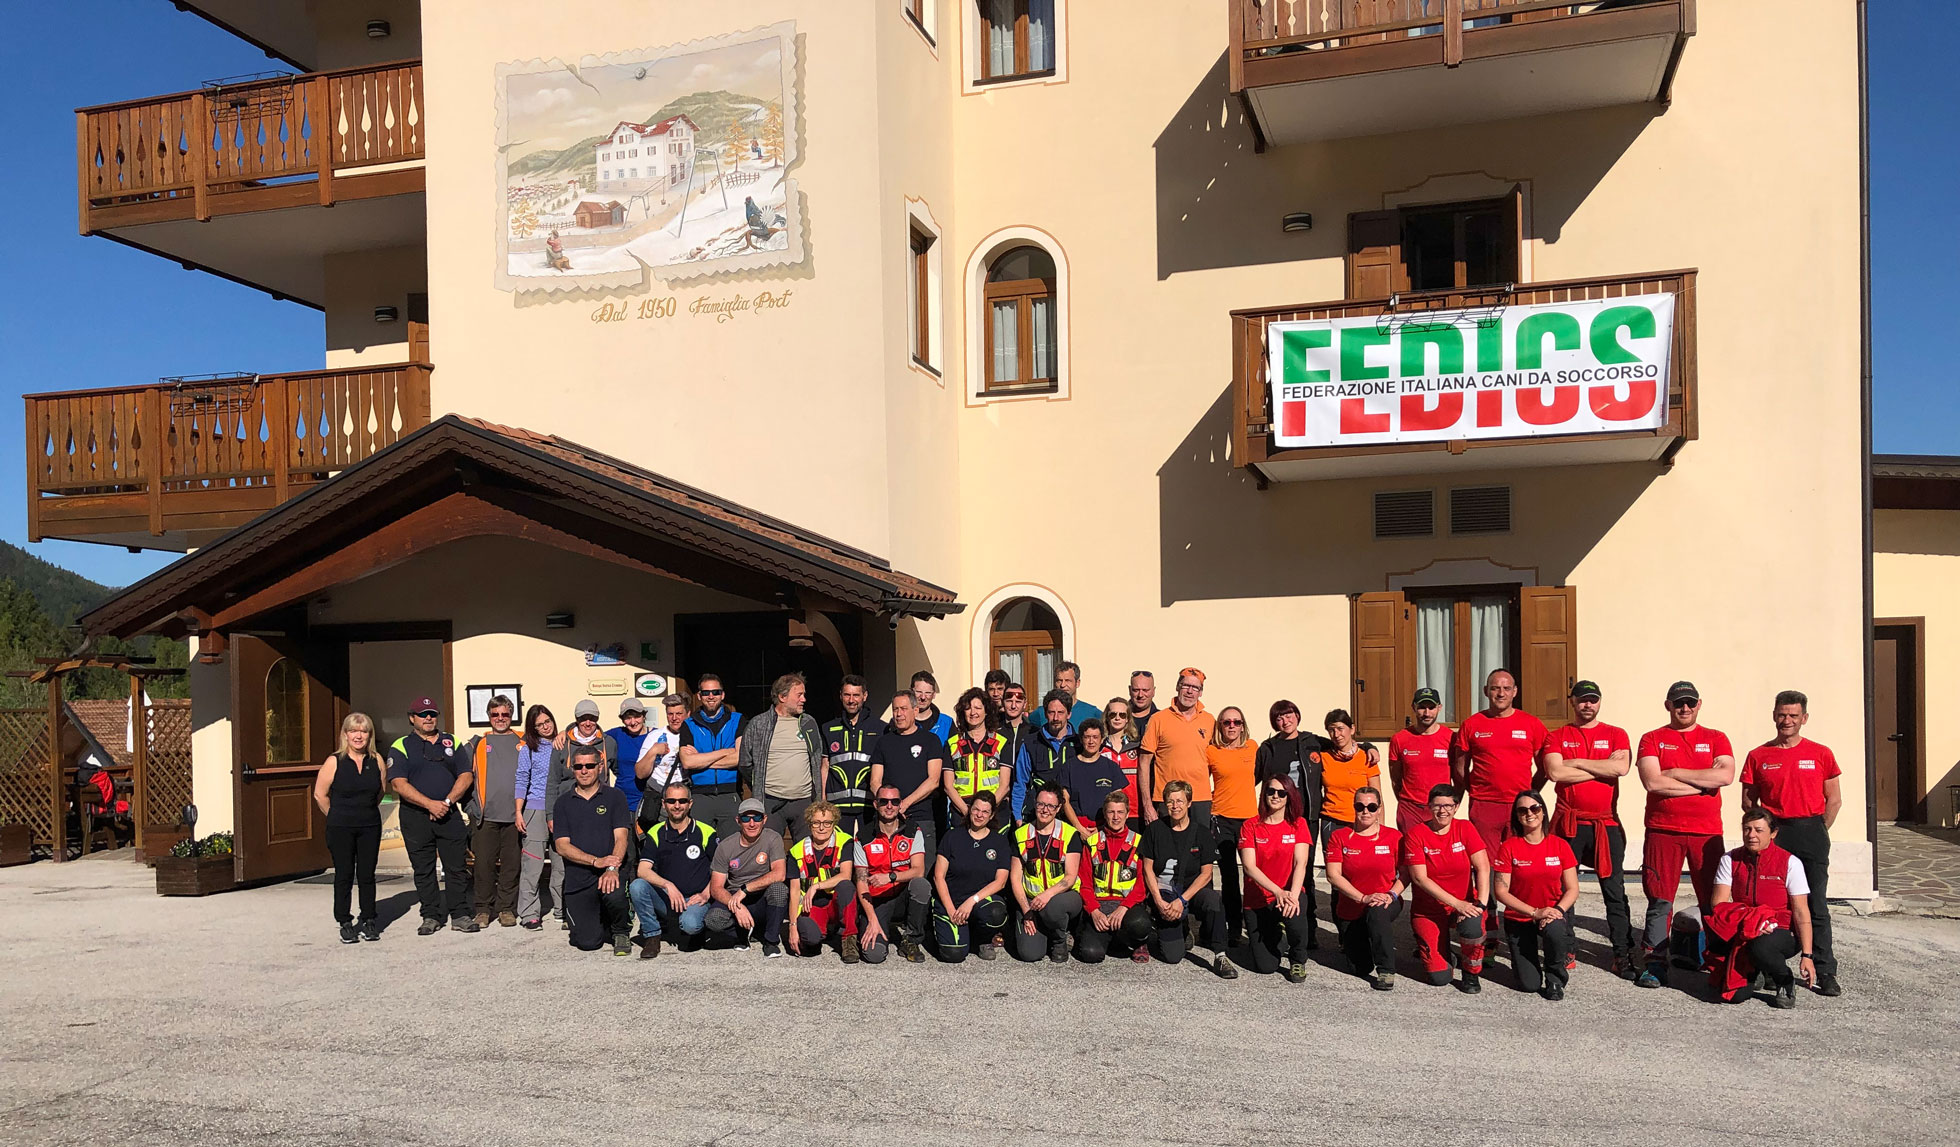 FEDERAZIONE ITALIANA <BR> CANI DA SOCCORSO